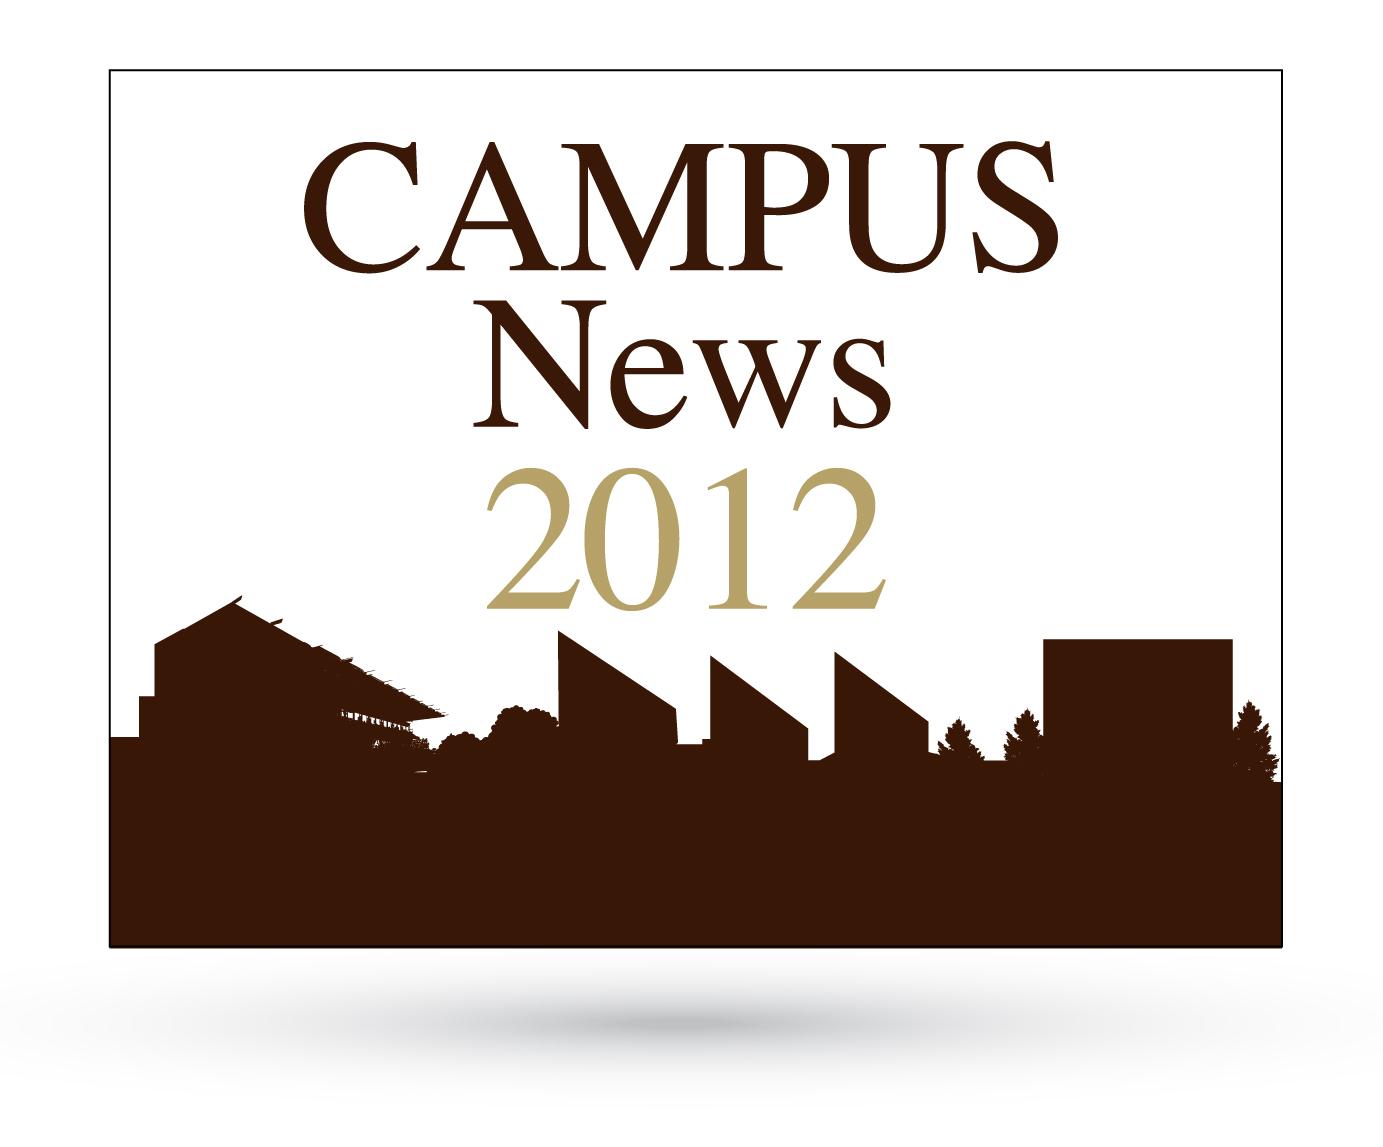 Campus News 2012